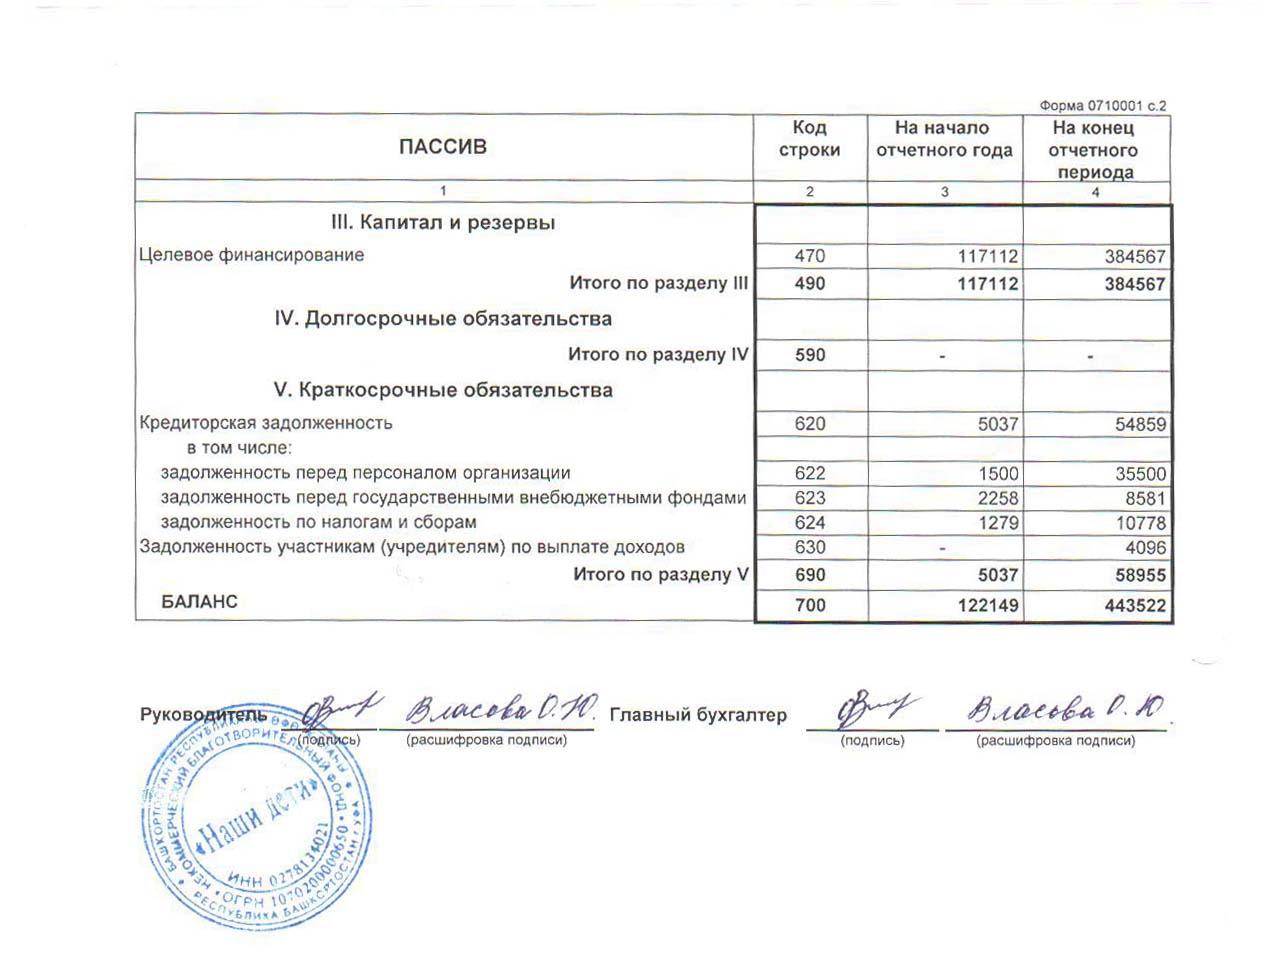 бланк пояснительной записки к отчету в пфр за 2012 год